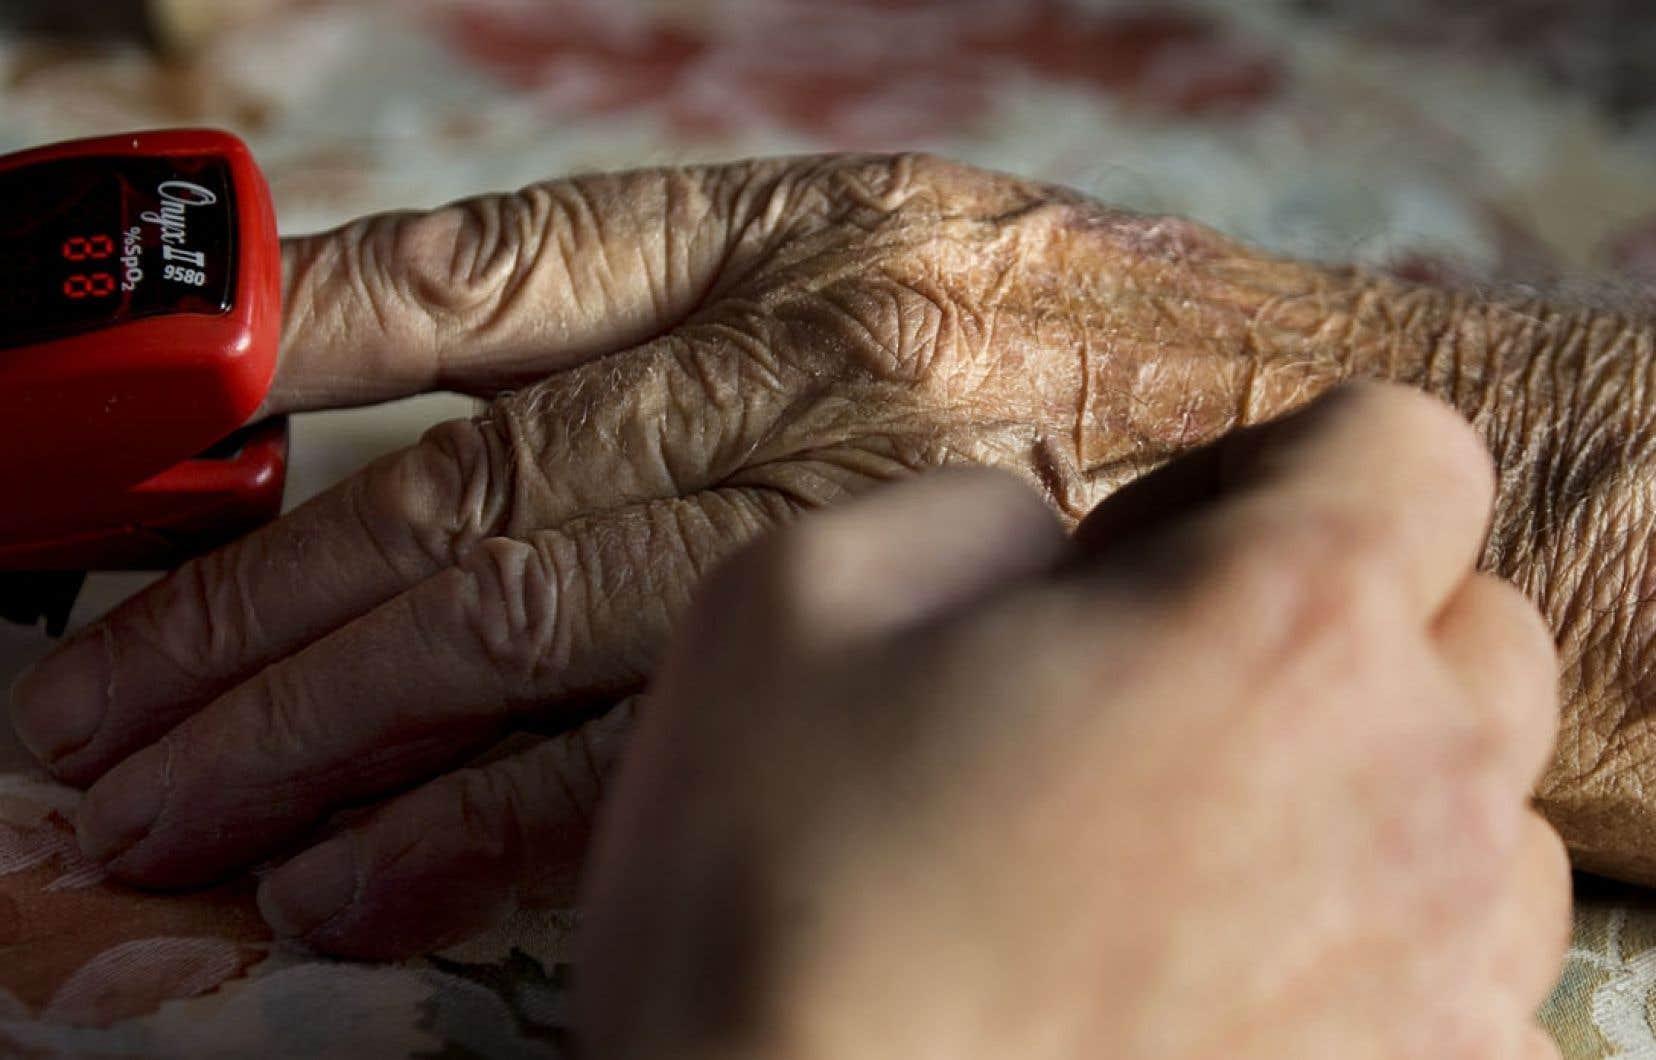 Des groupes militants religieux veulent sensibiliser le publix aux « dangers » du projet de loi 52, qui encadre l'aide médicale à mourir.